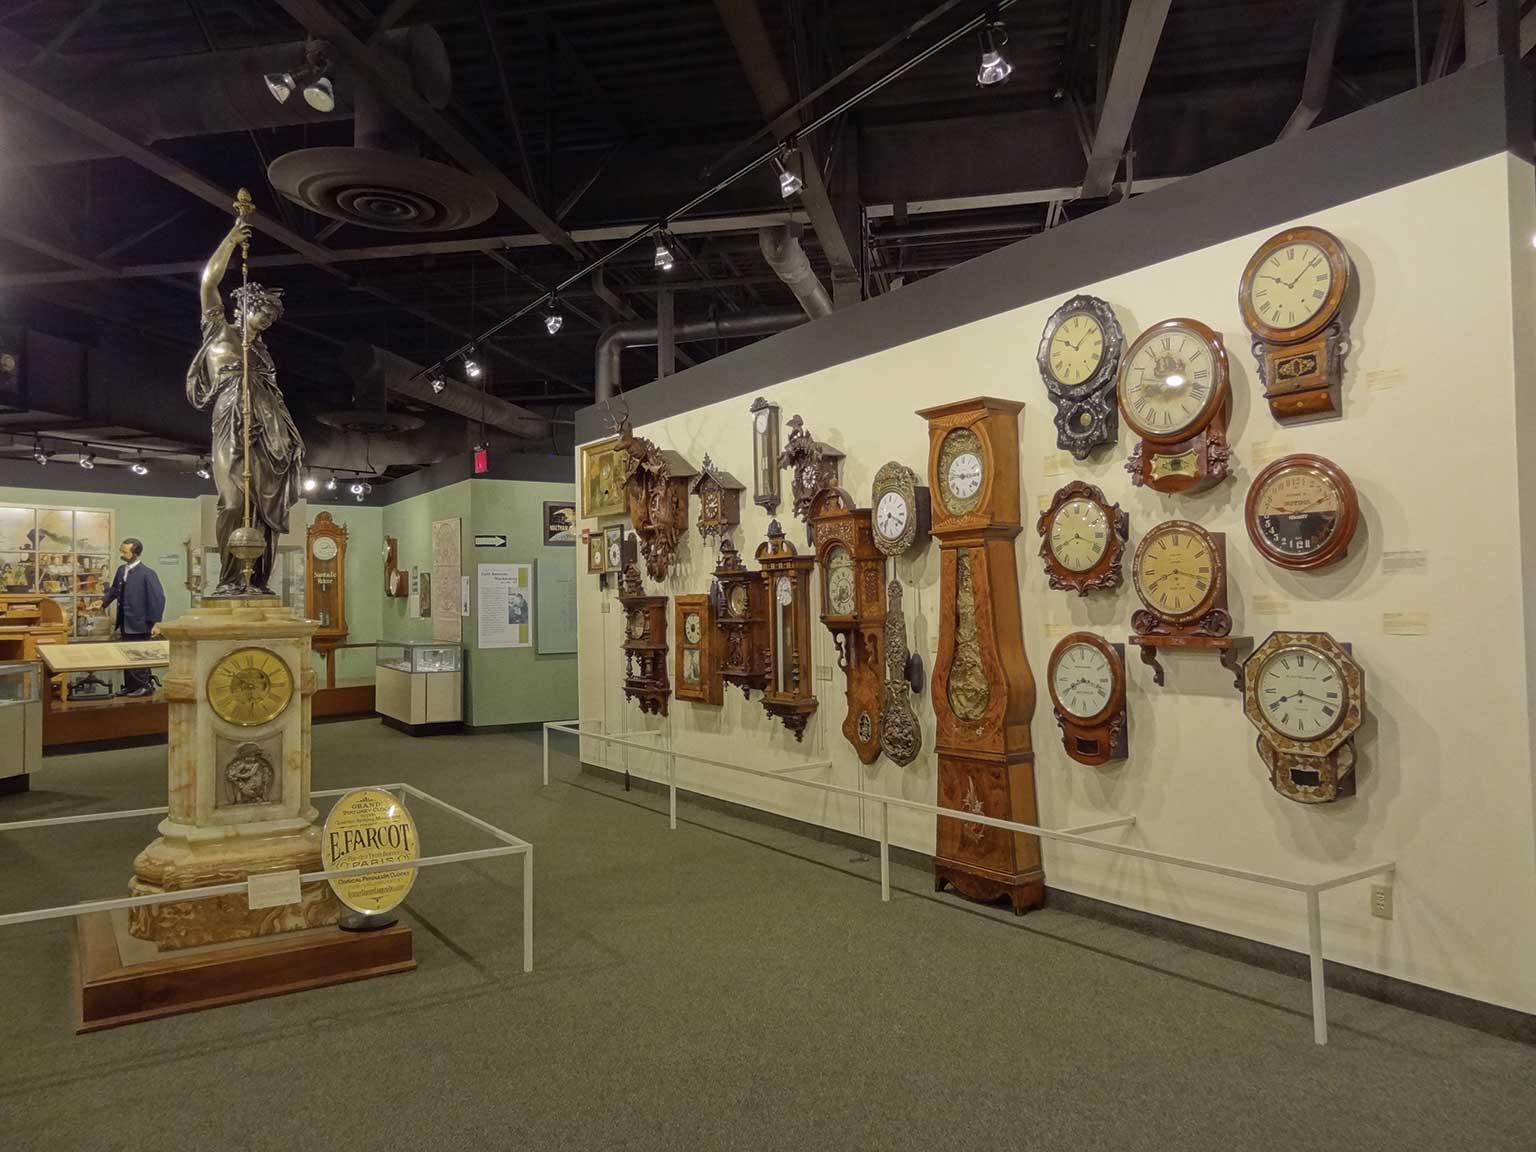 featured exhibit